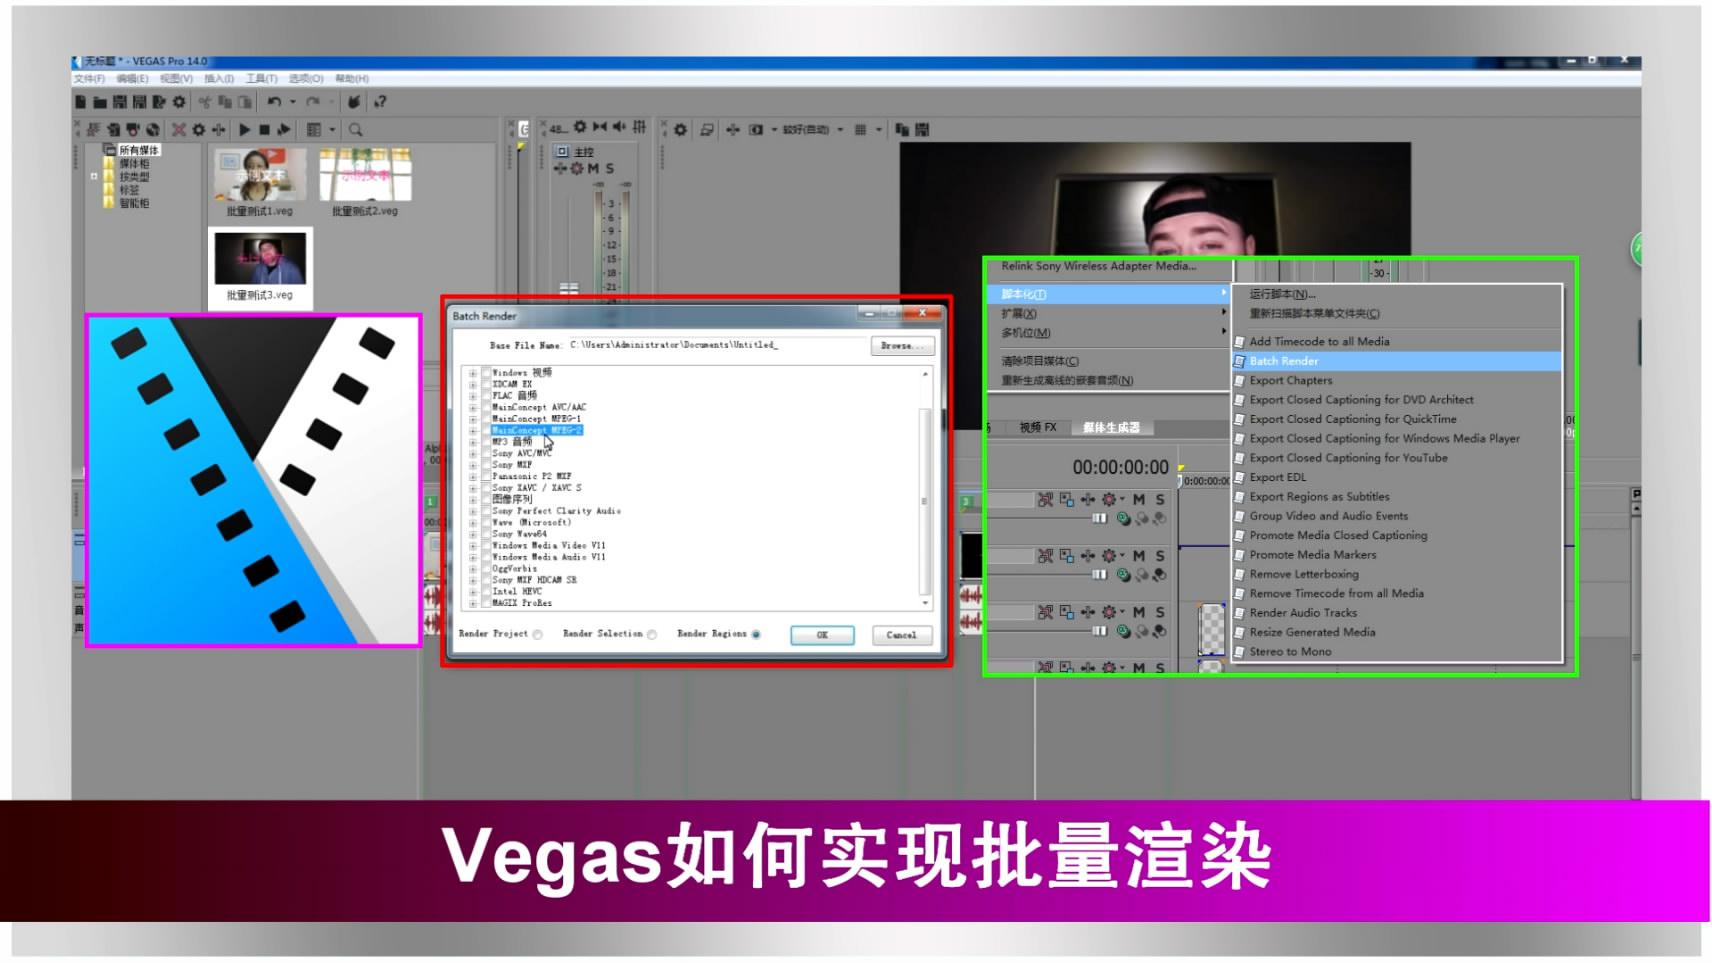 #vegas批量渲染#教你用非编软件vegas批量渲染多个工程文件,节省操作时间